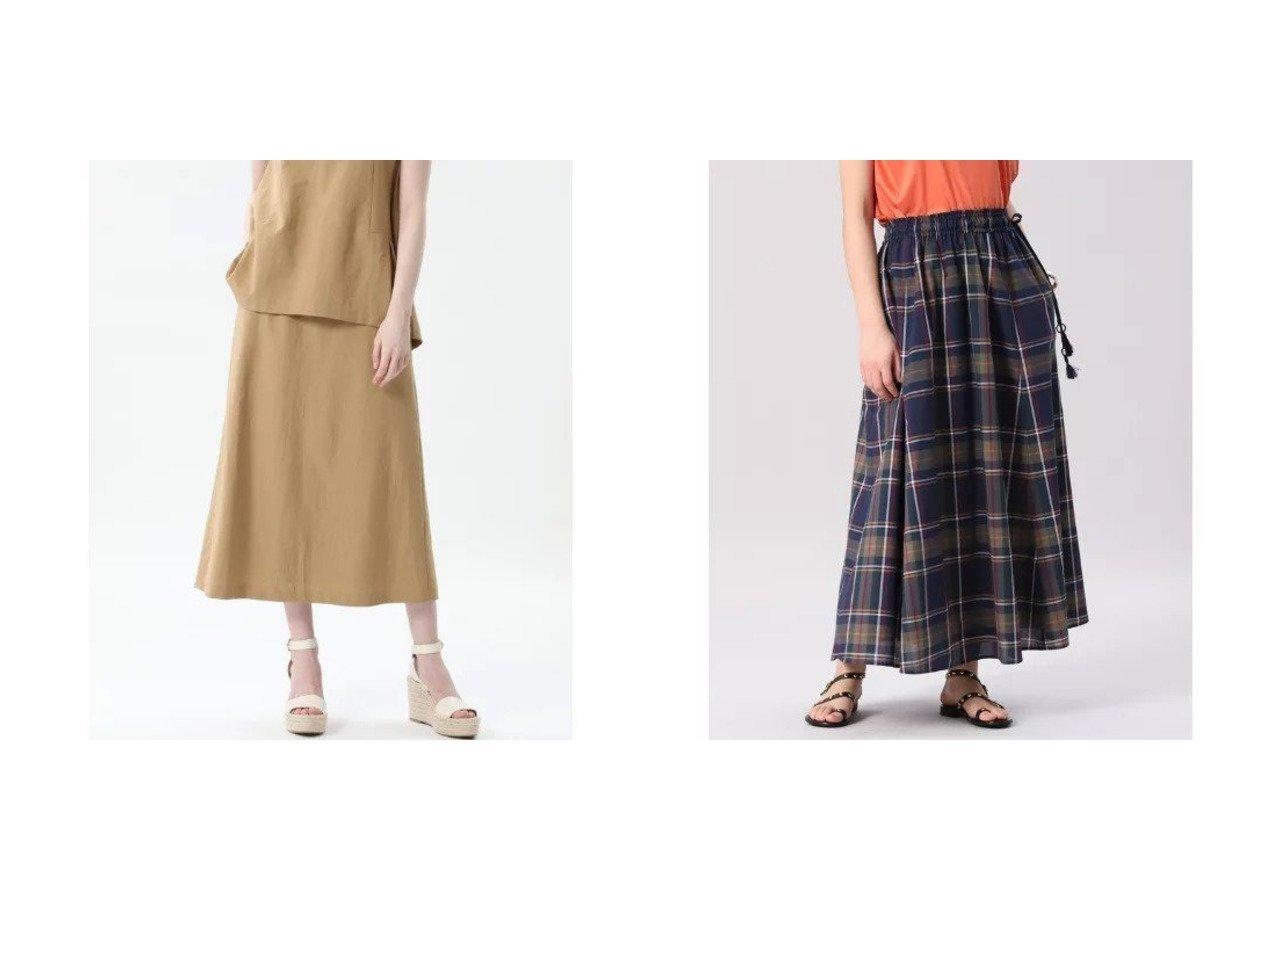 【INED/イネド】の《Maison de Beige》コットンチェックロングスカート&【ef-de/エフデ】の《Maglie par ef-de》セミフレアスカート 【スカート】おすすめ!人気、トレンド・レディースファッションの通販 おすすめで人気の流行・トレンド、ファッションの通販商品 インテリア・家具・メンズファッション・キッズファッション・レディースファッション・服の通販 founy(ファニー) https://founy.com/ ファッション Fashion レディースファッション WOMEN スカート Skirt Aライン/フレアスカート Flared A-Line Skirts ロングスカート Long Skirt おすすめ Recommend エレガント カットソー サマー シンプル セットアップ ビンテージ ミックス リラックス ロング |ID:crp329100000054054